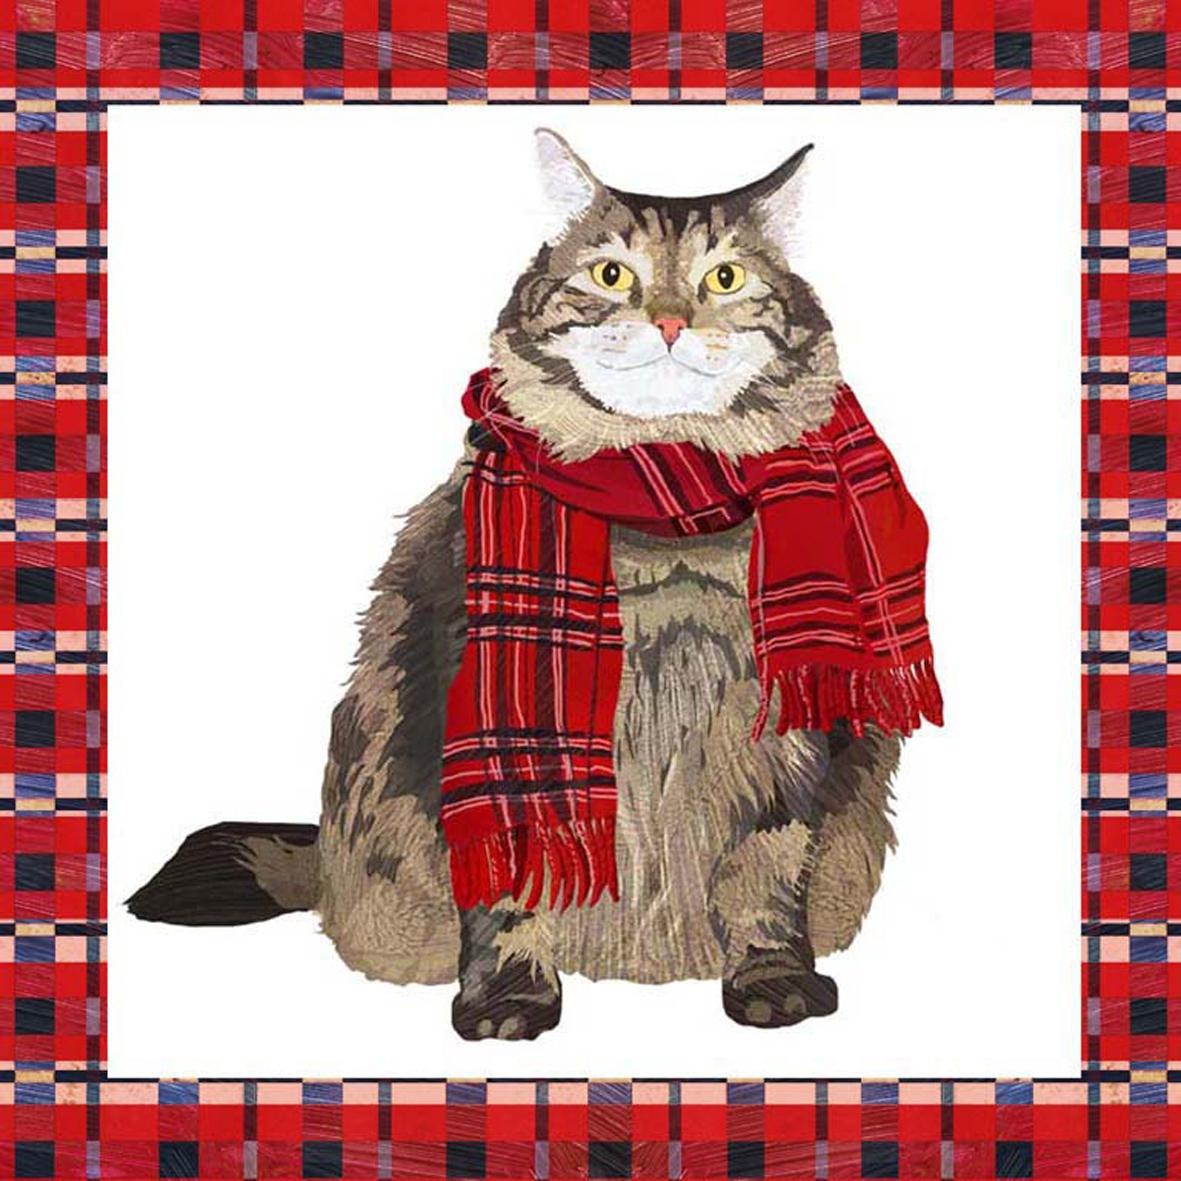 Servietten / Katzen,  Tiere - Katzen,  Weihnachten,  cocktail servietten,  Katzen